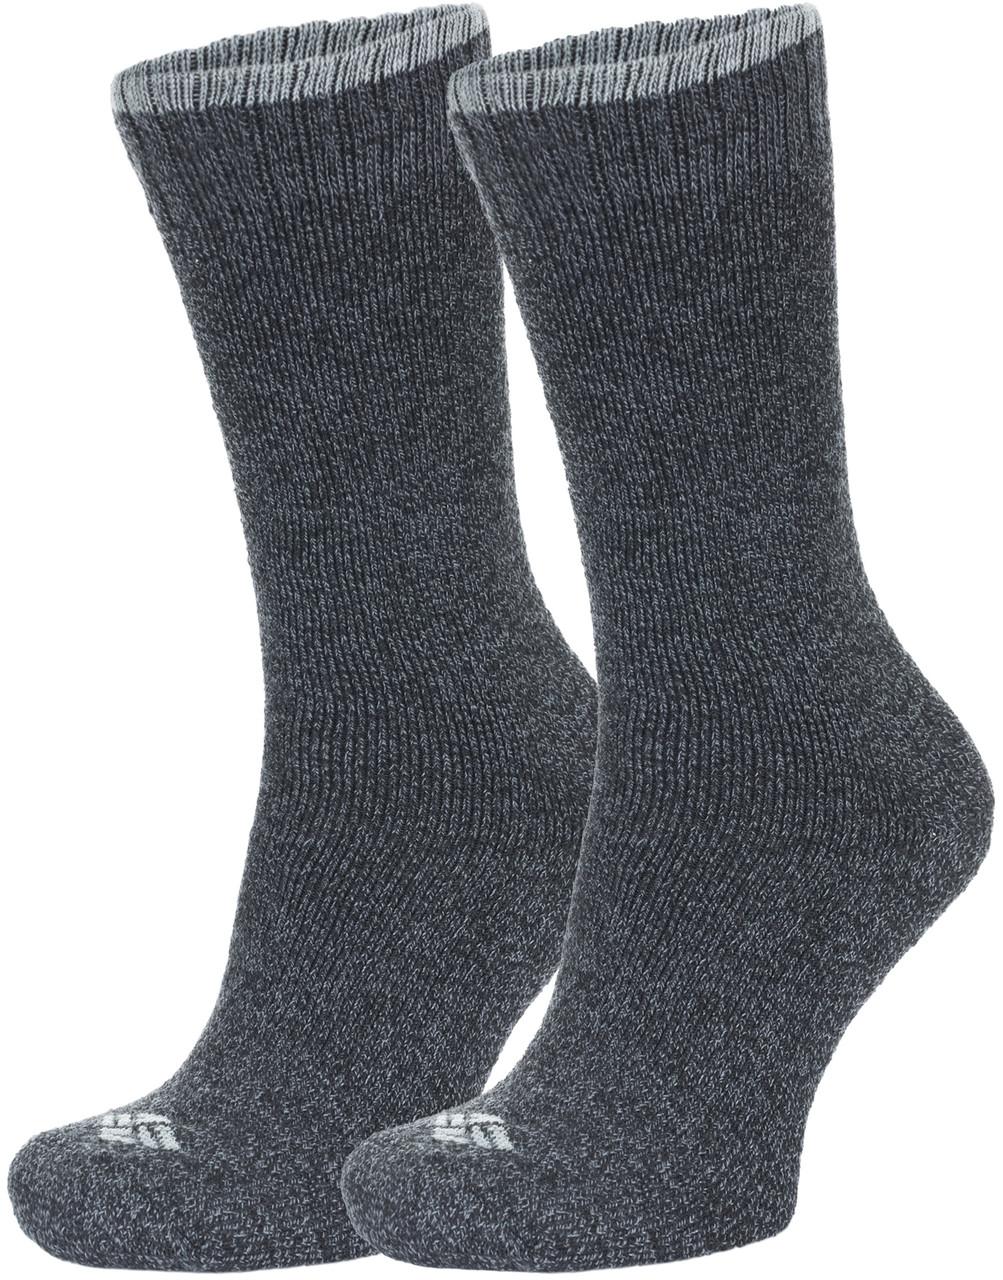 Носки Columbia Moisture Control Anklet, 2 пари